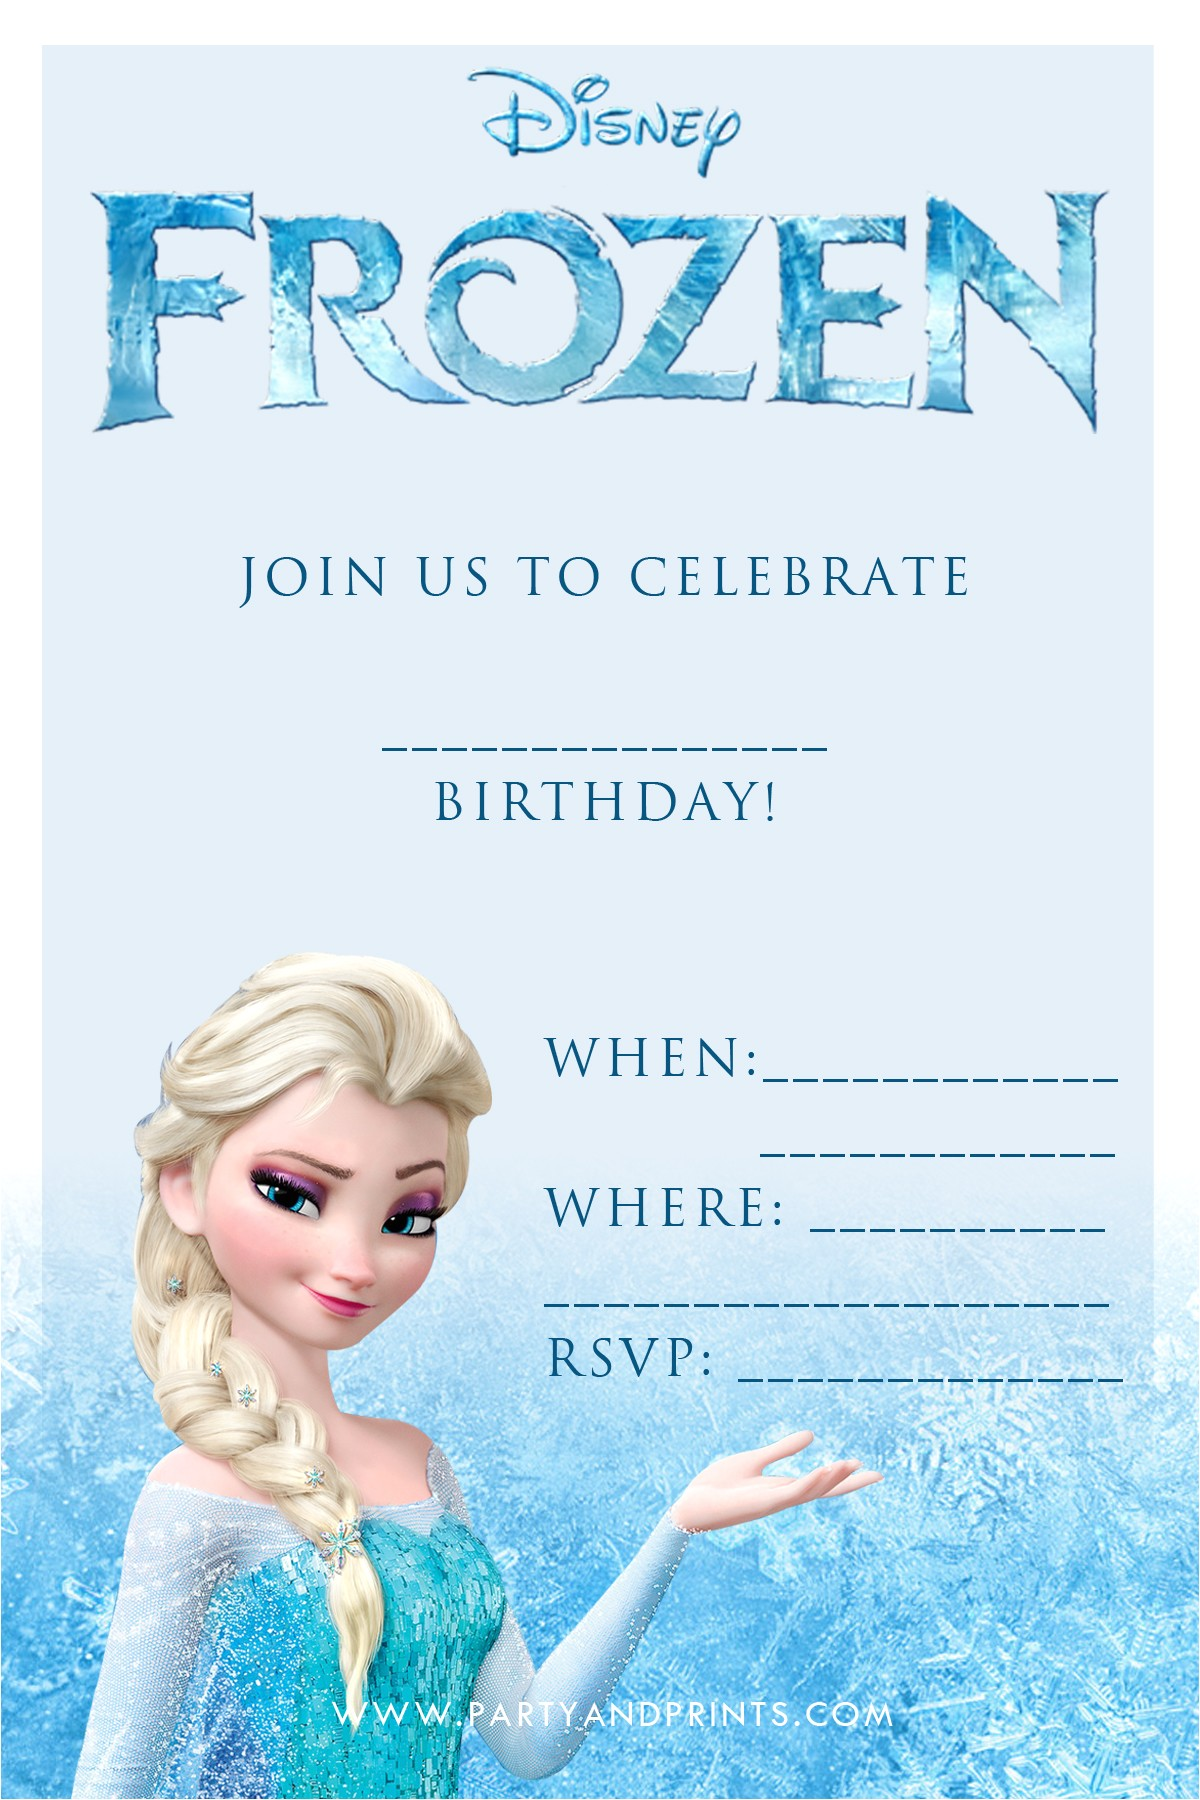 Free Printable Disney Frozen Birthday Party Invitations 20 Frozen Birthday Party Ideas